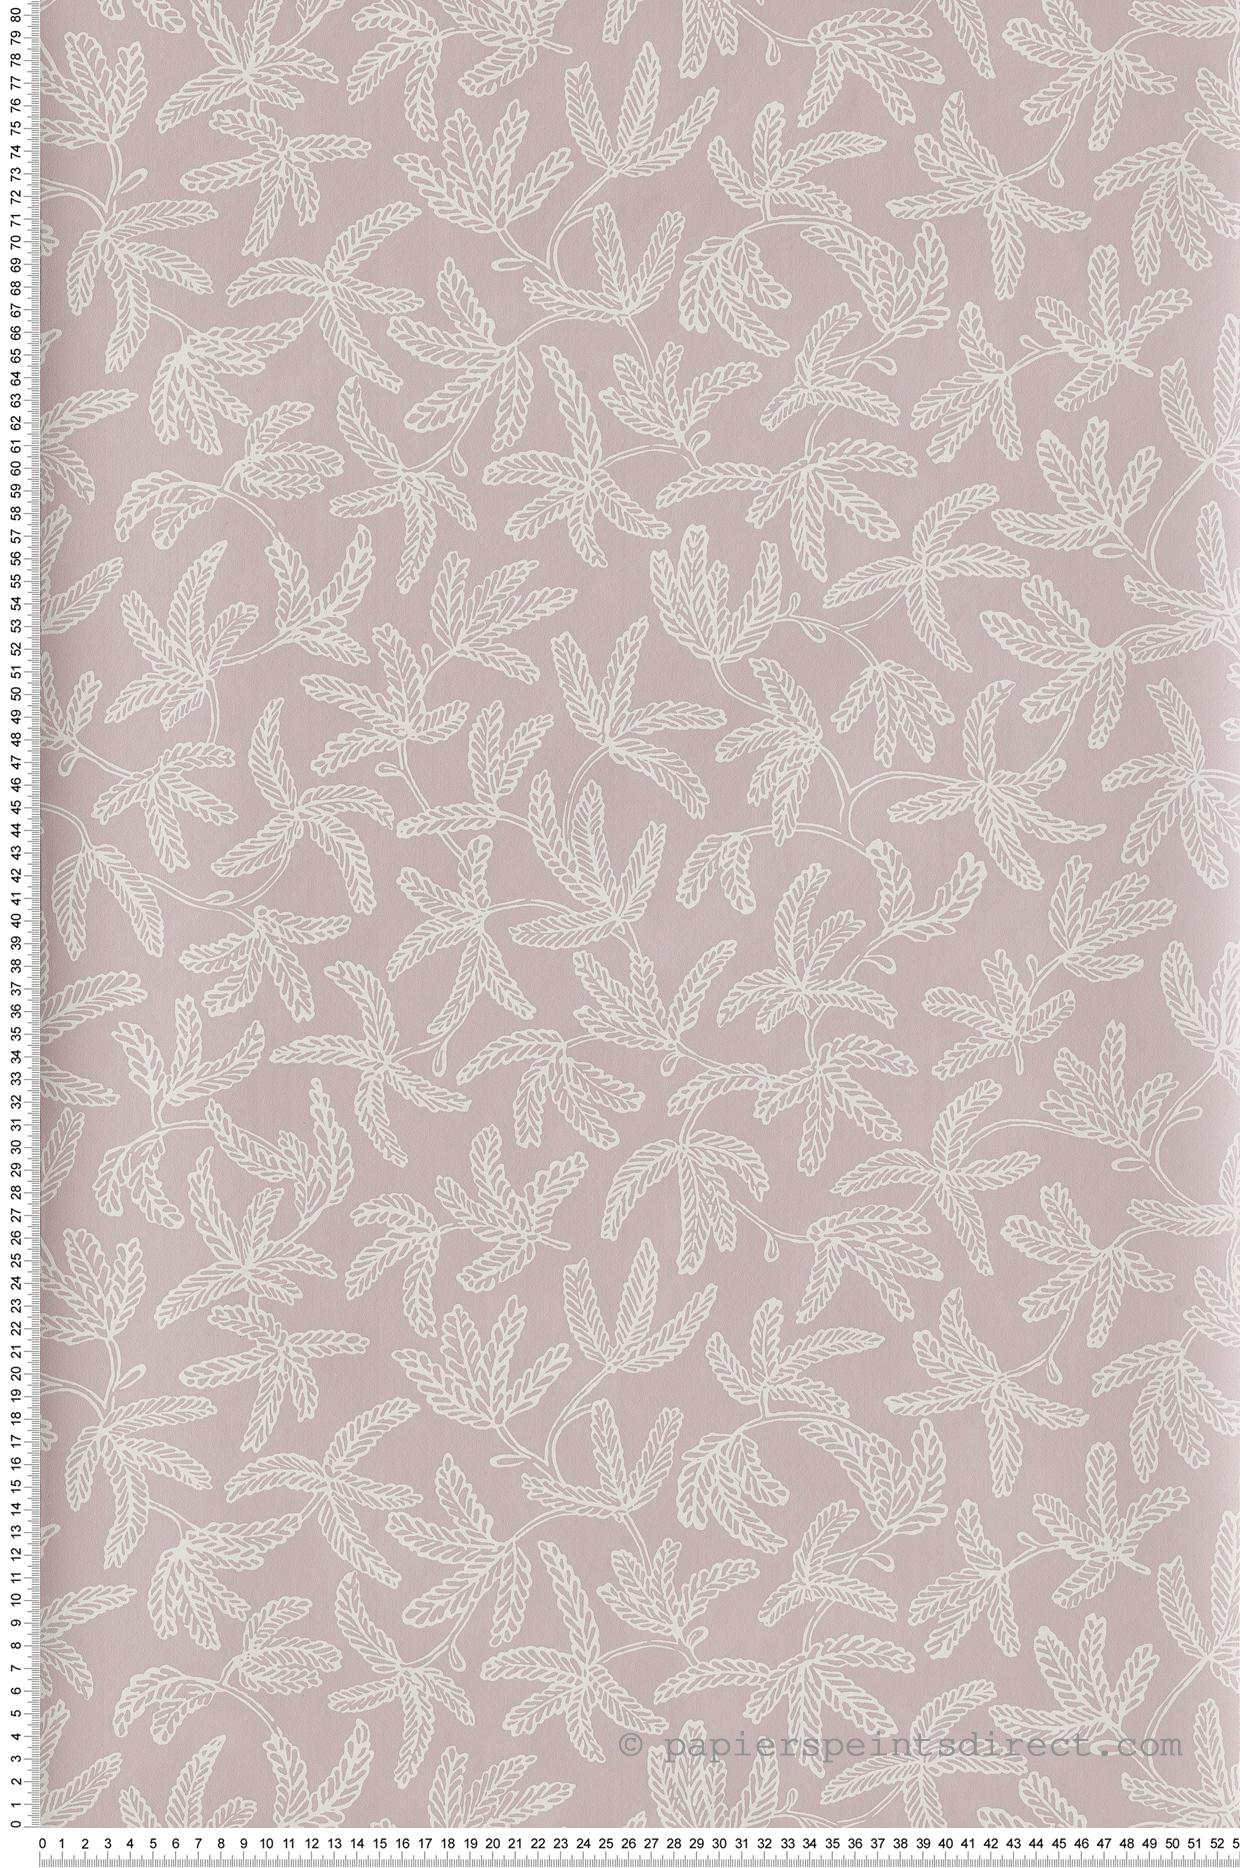 Papier peint feuillage Cocoon rose - Hygge de Casélio   HYG100574812